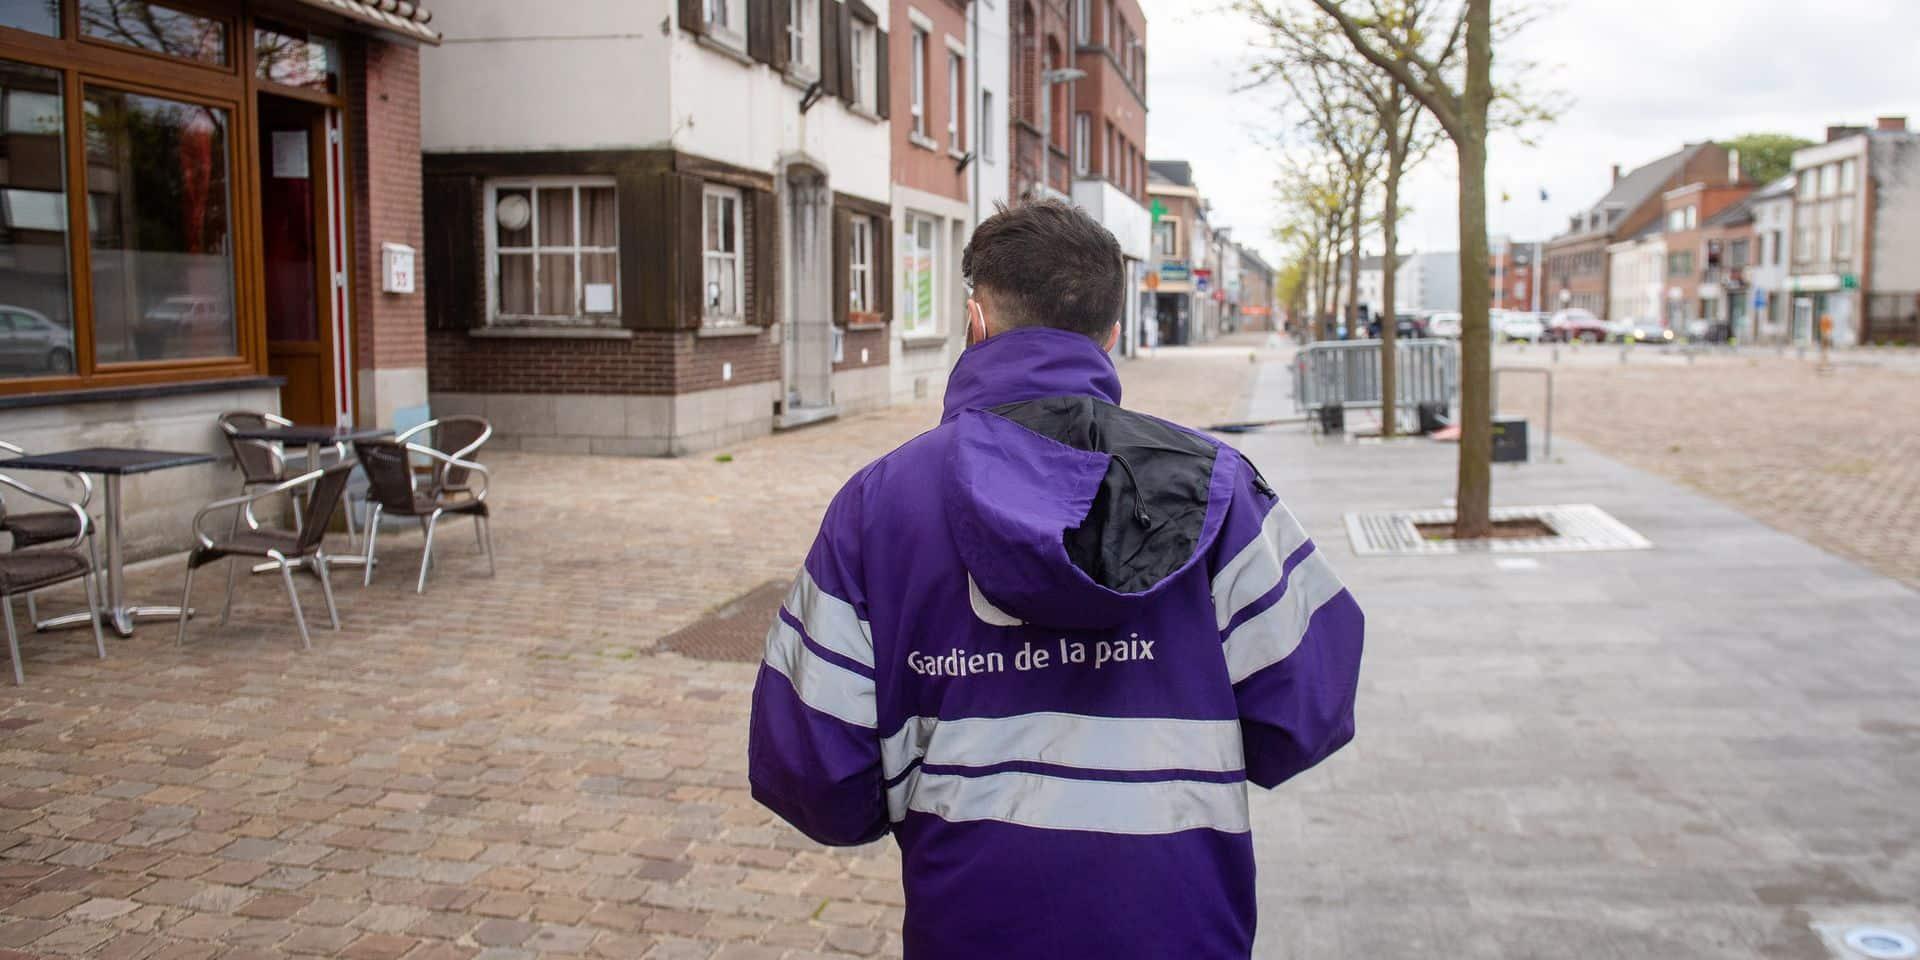 Farciennes - Charleroi: Coronavirus - Covid-19: Farciennes est la commune de wallonie ou le taux de vaccination contre le covid-19 est le plus faible. Juliano, gardien de la paix sensibilise la population a l'importance de la vaccination contre le coronav